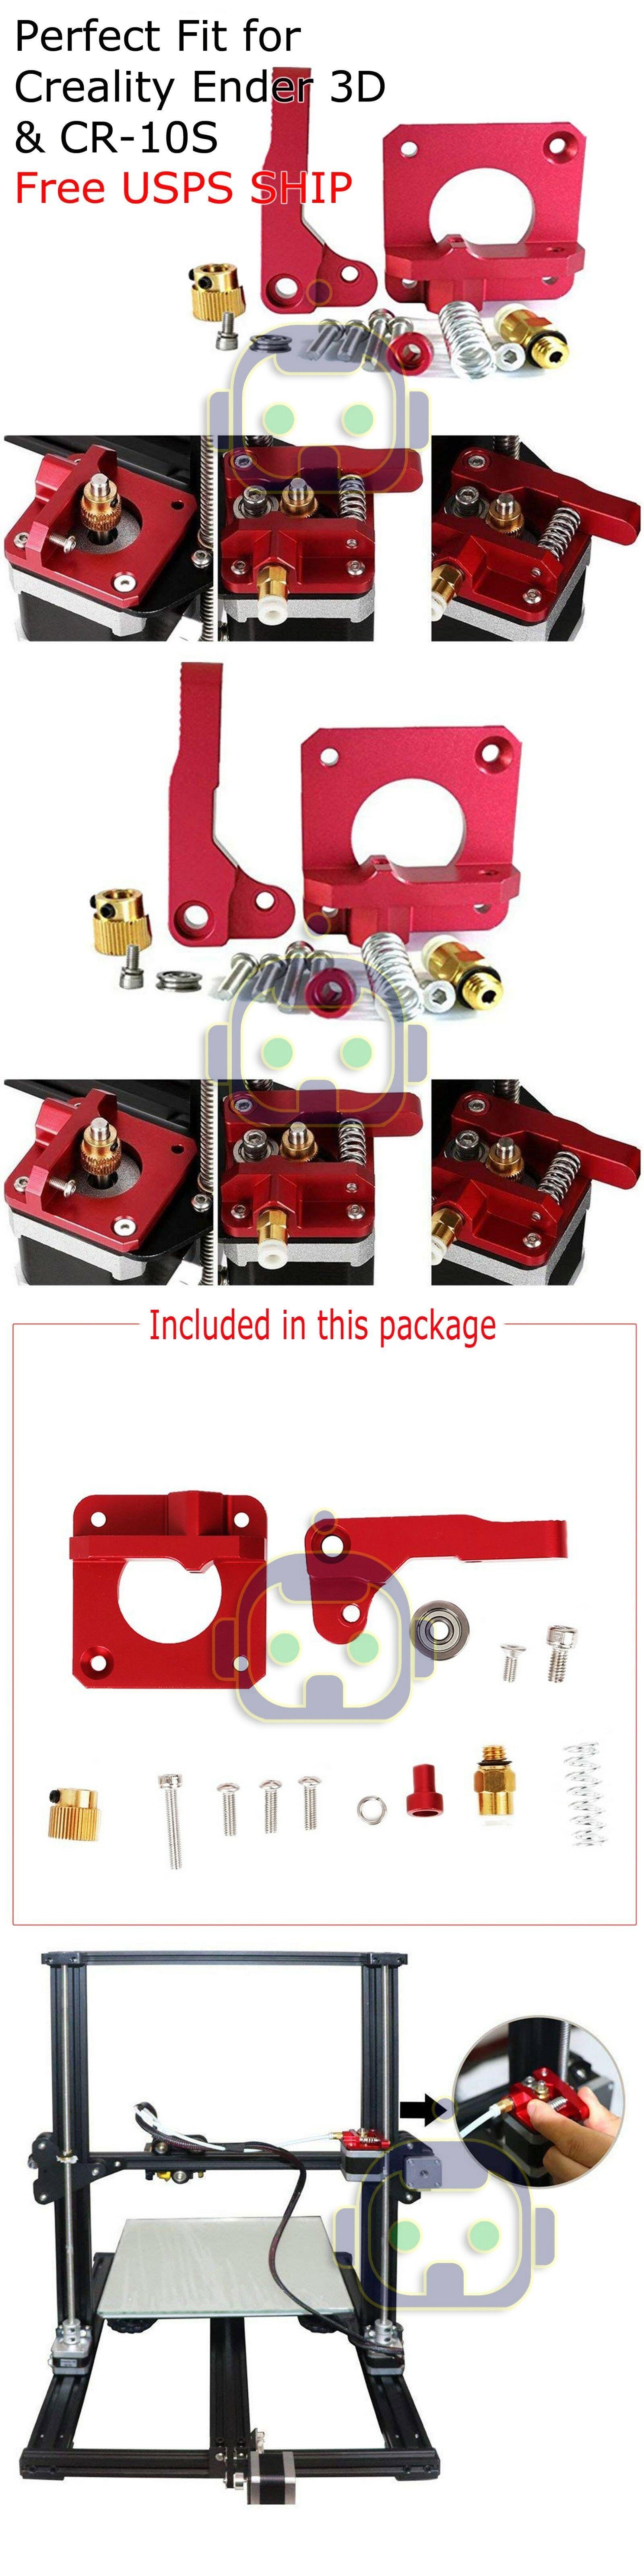 Parts and Accessories 183066: Upgrade Aluminum Extruder